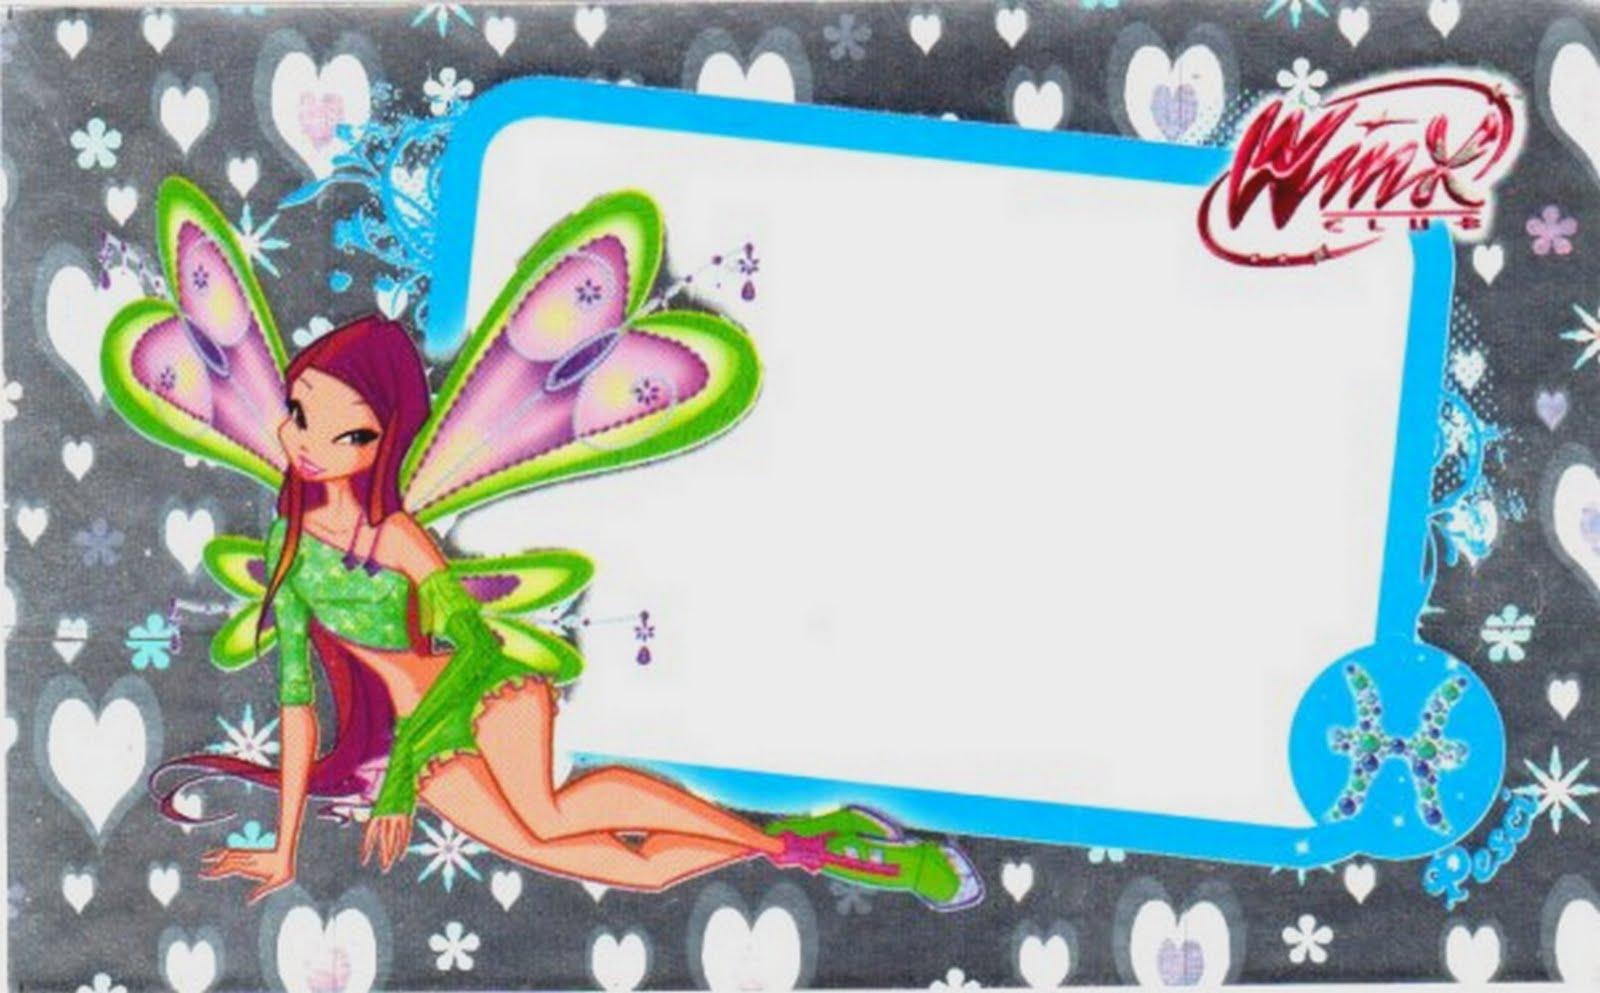 http://3.bp.blogspot.com/_veIaYEZHx5w/SxvSQUJA6cI/AAAAAAAAAy0/j1Y2q3nbkoQ/s1600/b0f598106d87.jpg